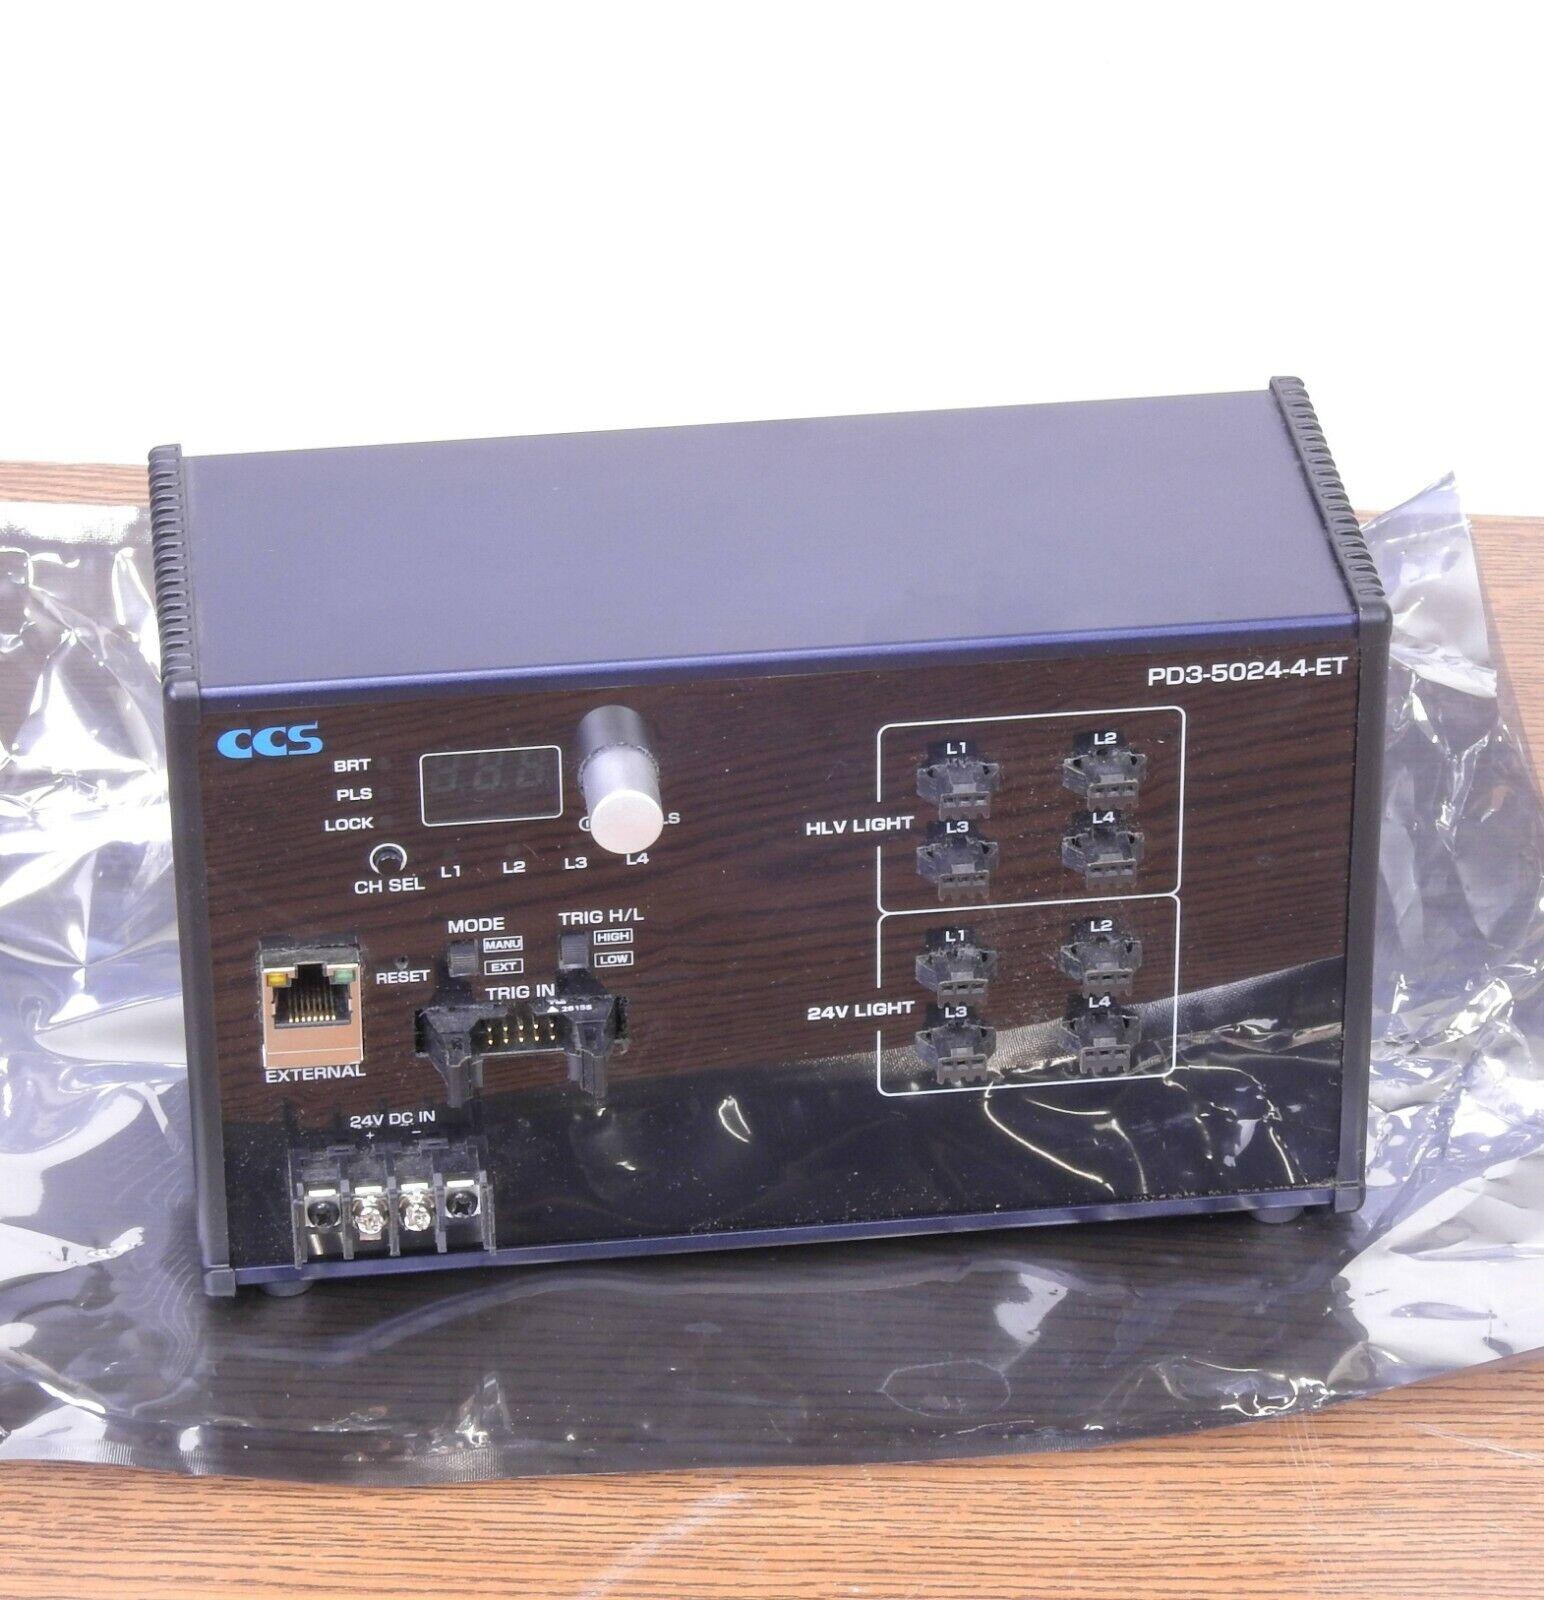 CCS Ethernet machine vision & inspection